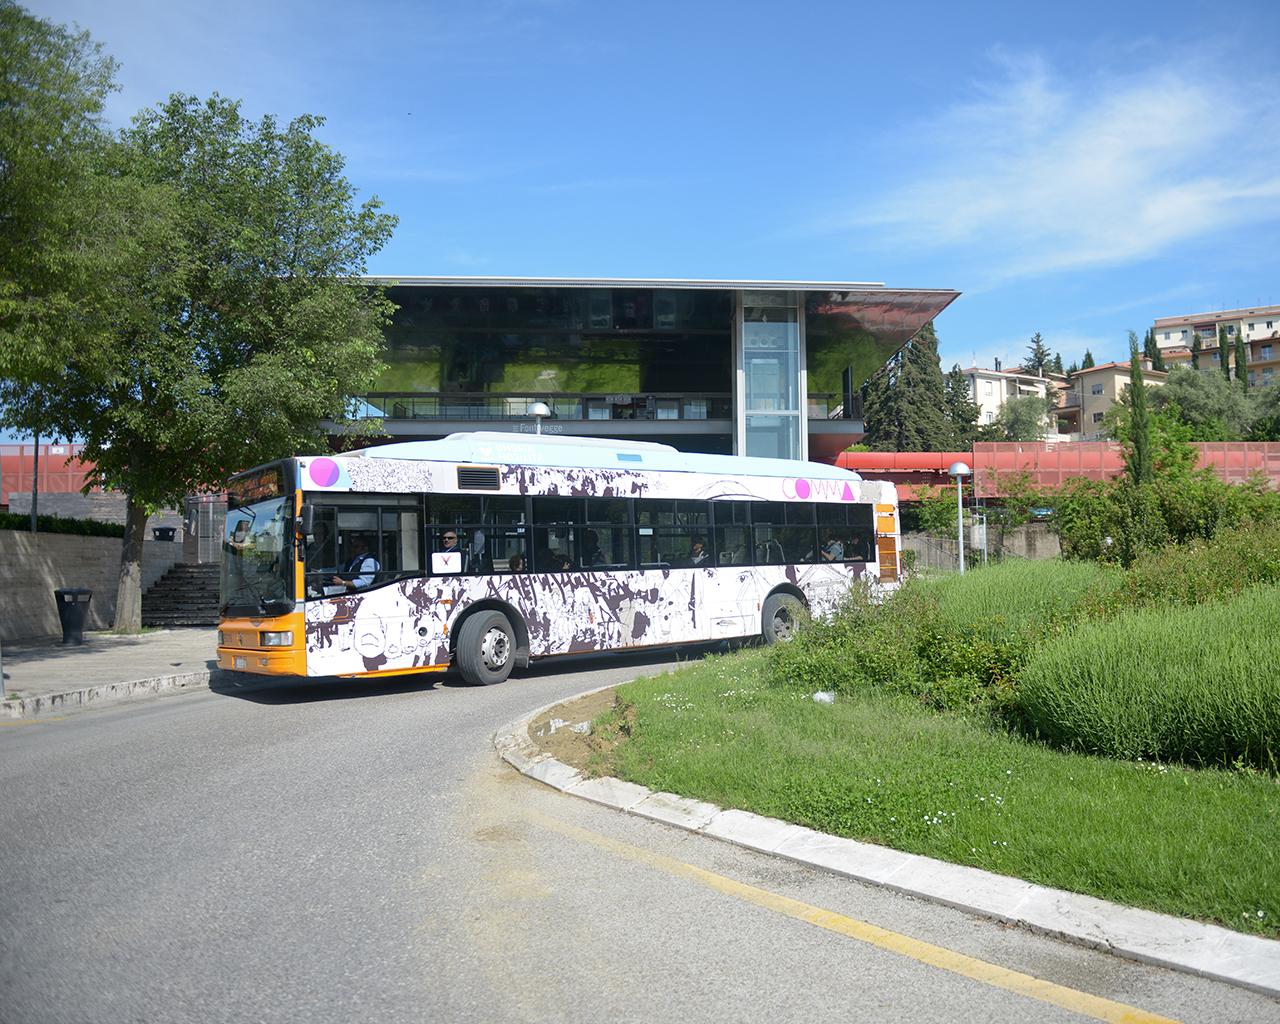 Umbria mobilita for Umbria mobilita